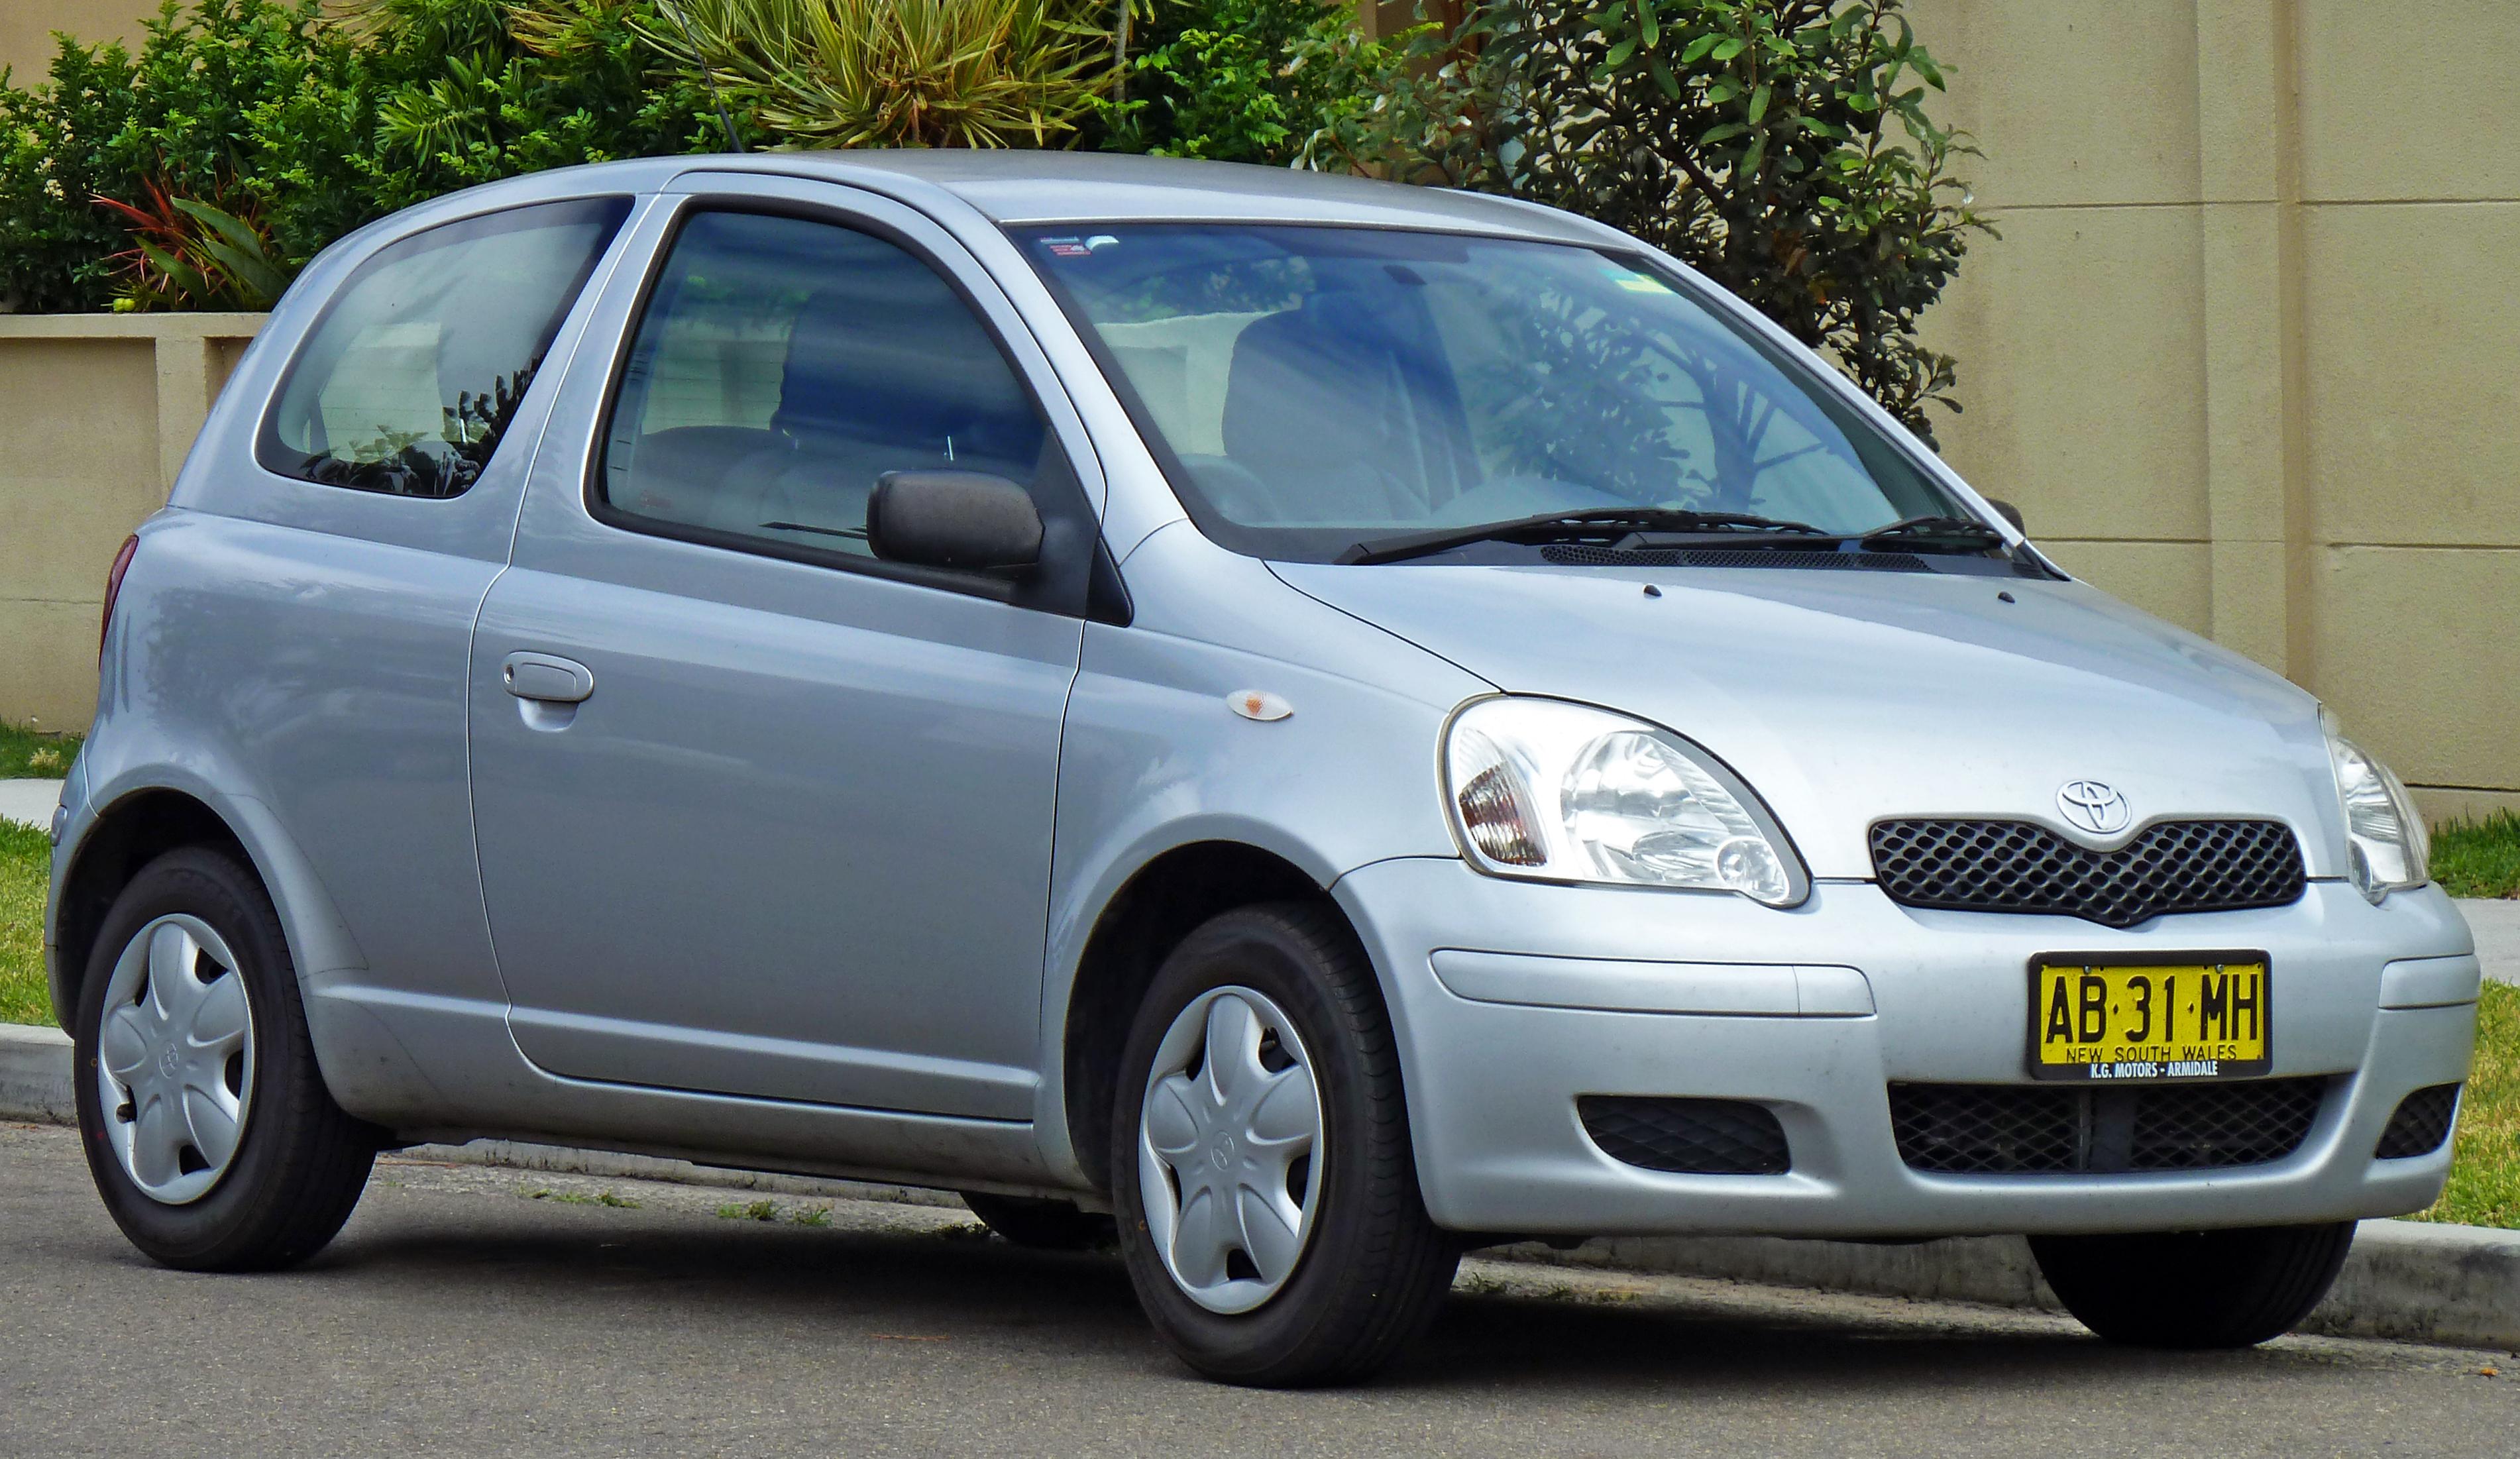 File:2003-2005 Toyota Echo (NCP10R) 3-door hatchback (2010